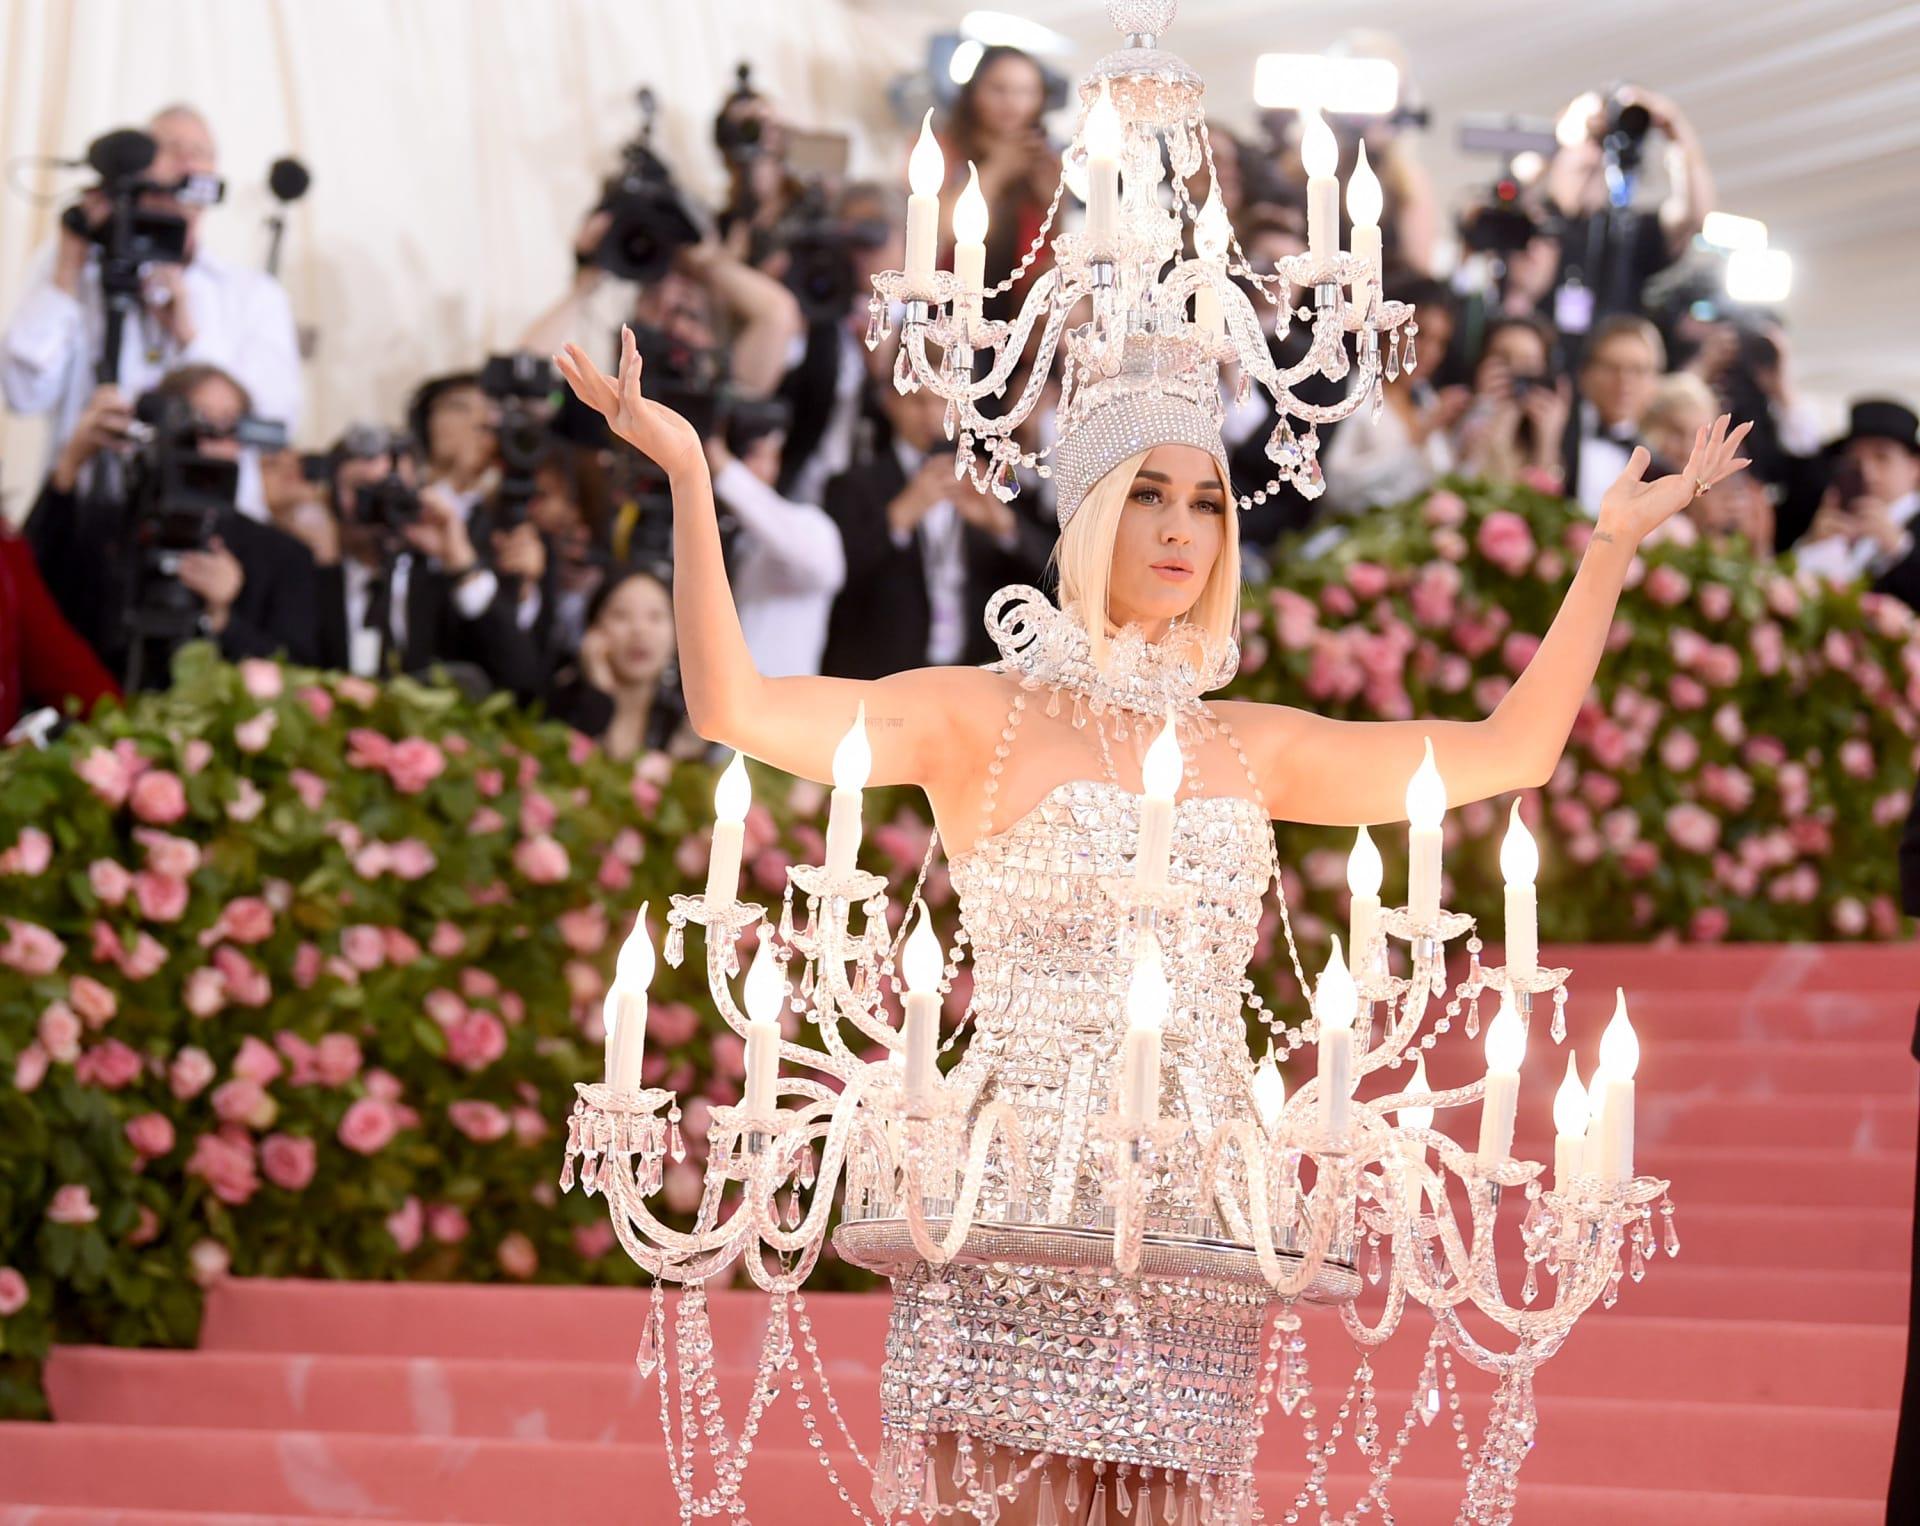 """كاتي بيري تتحول إلى """"ثريا كريستالية عملاقة"""" بحفل ميت غالا"""